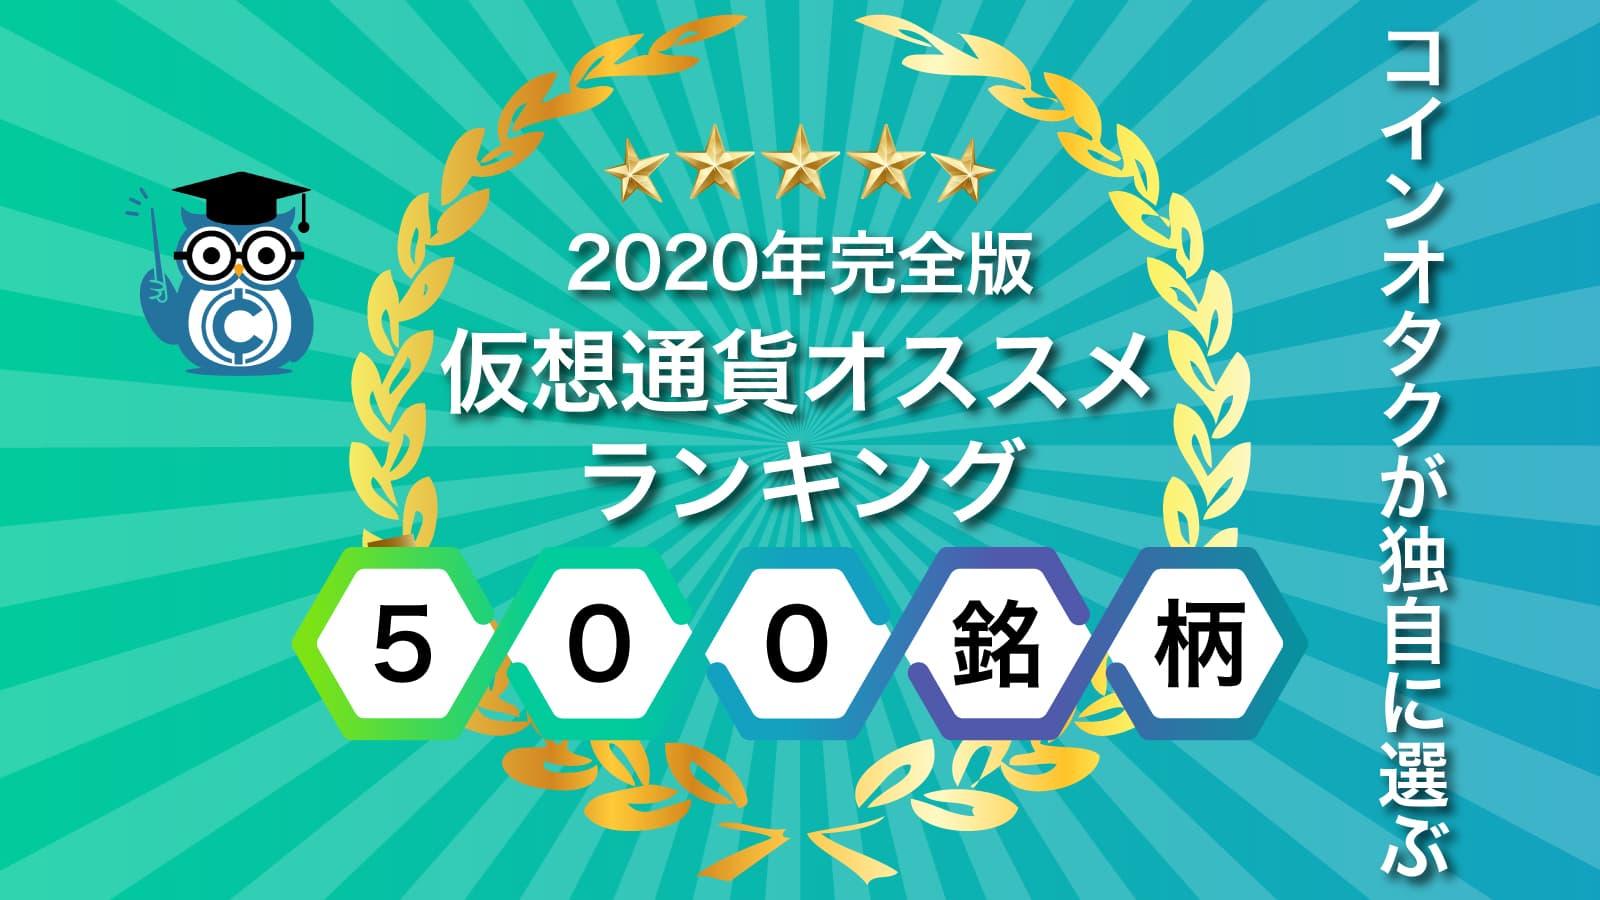 仮想通貨おすすめランキング2020年完全版